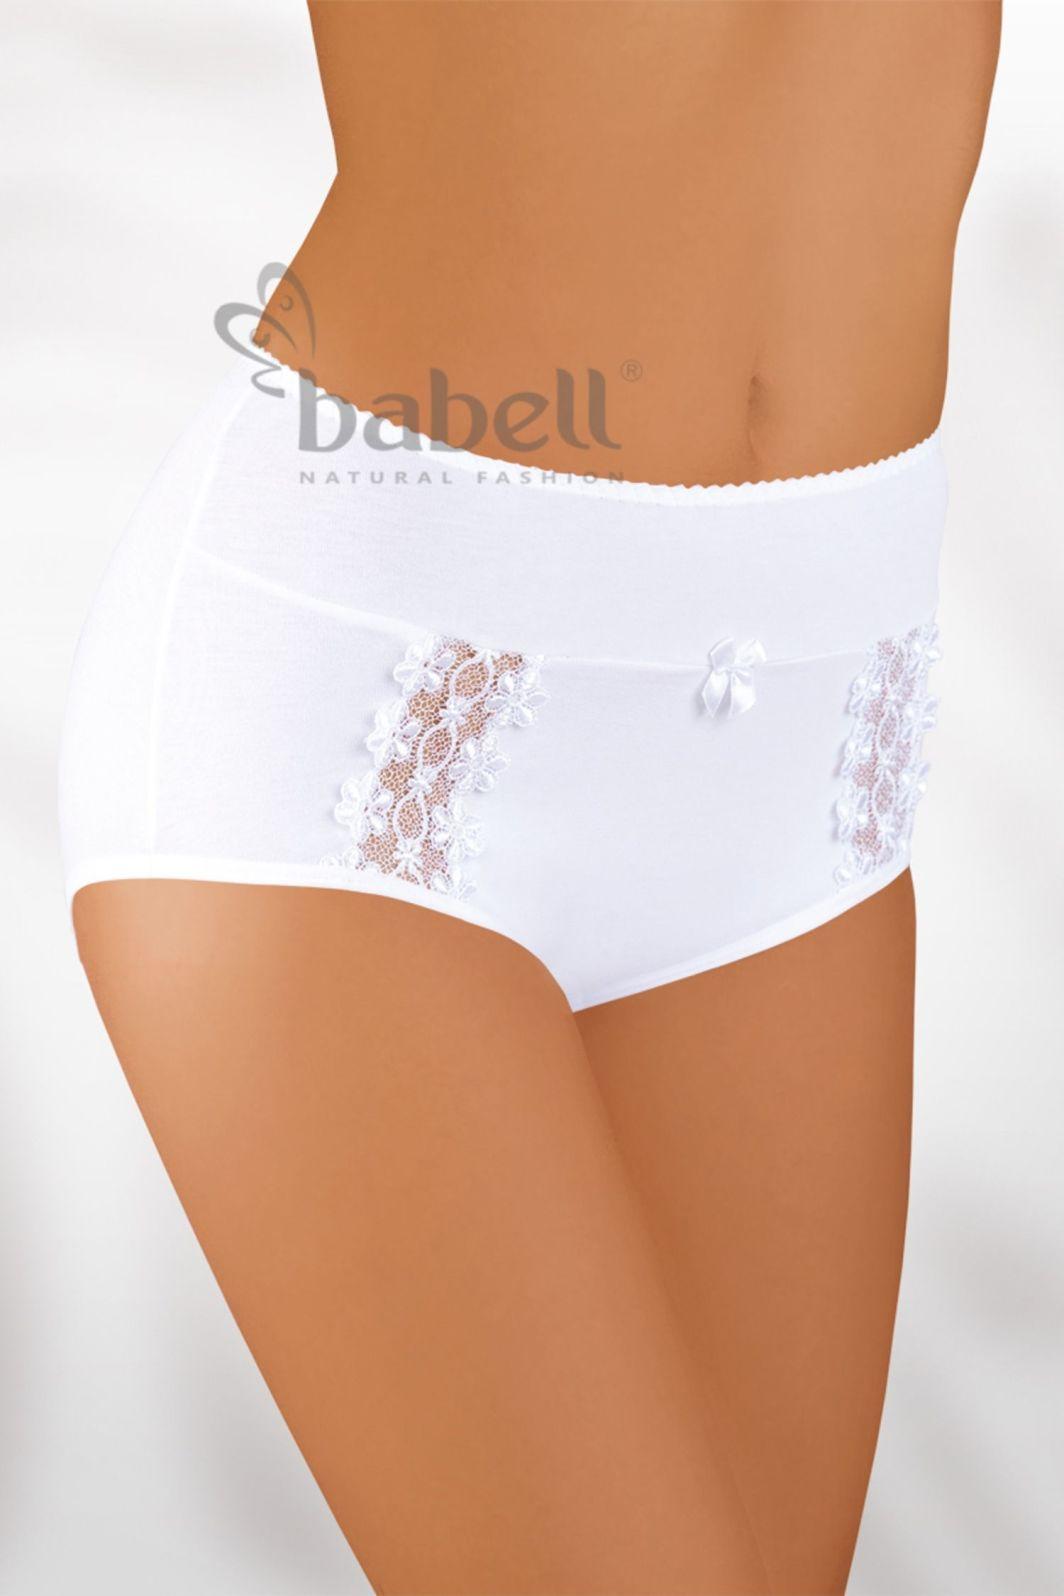 Babell Figi damskie BBL-005 białe r. XXL 1